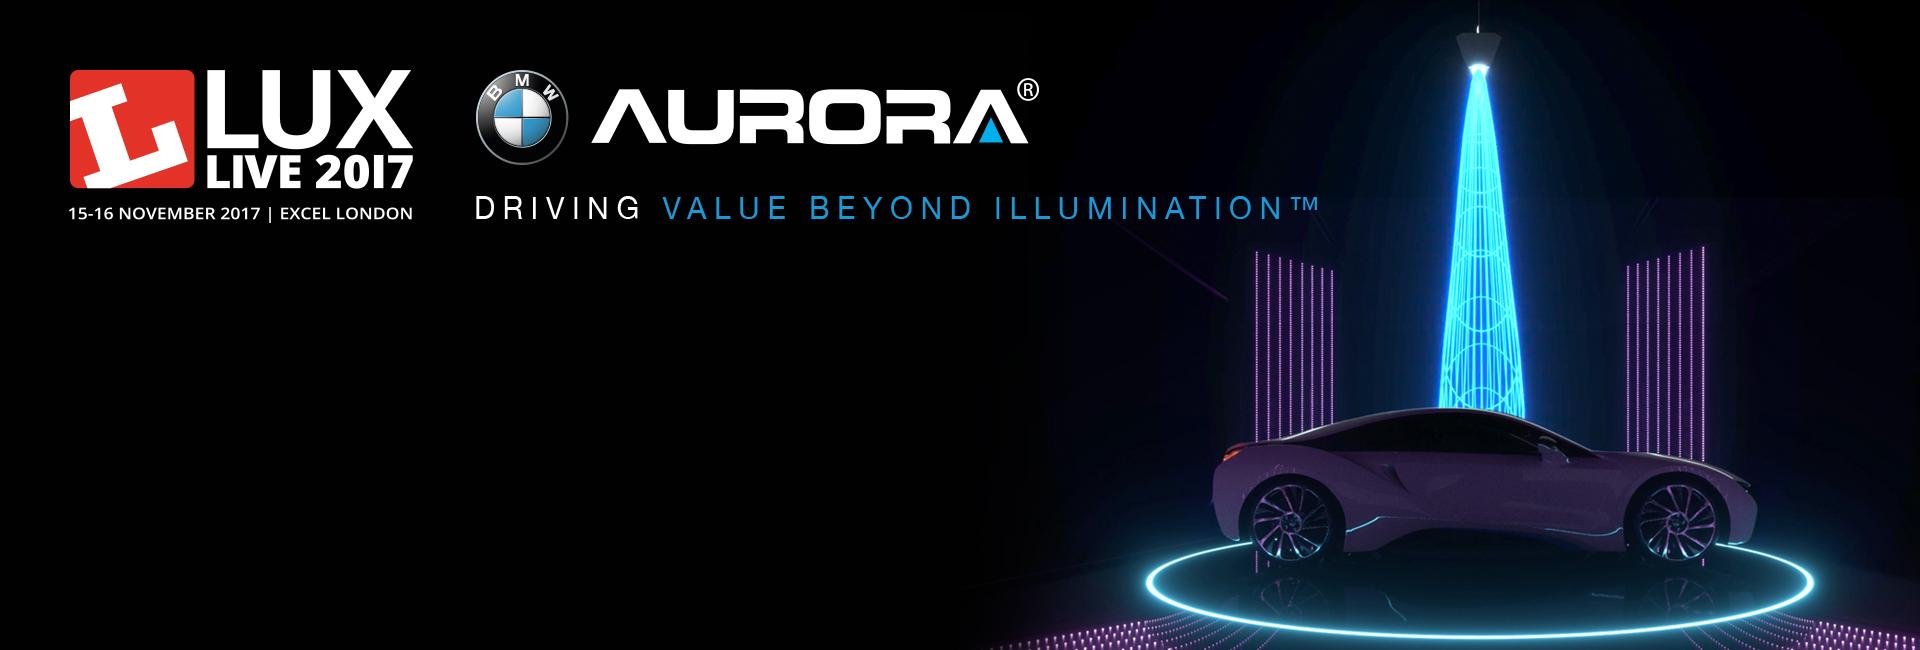 Imagen de categoría An AXiO smart retail experience with BMW at LuxLive 2017